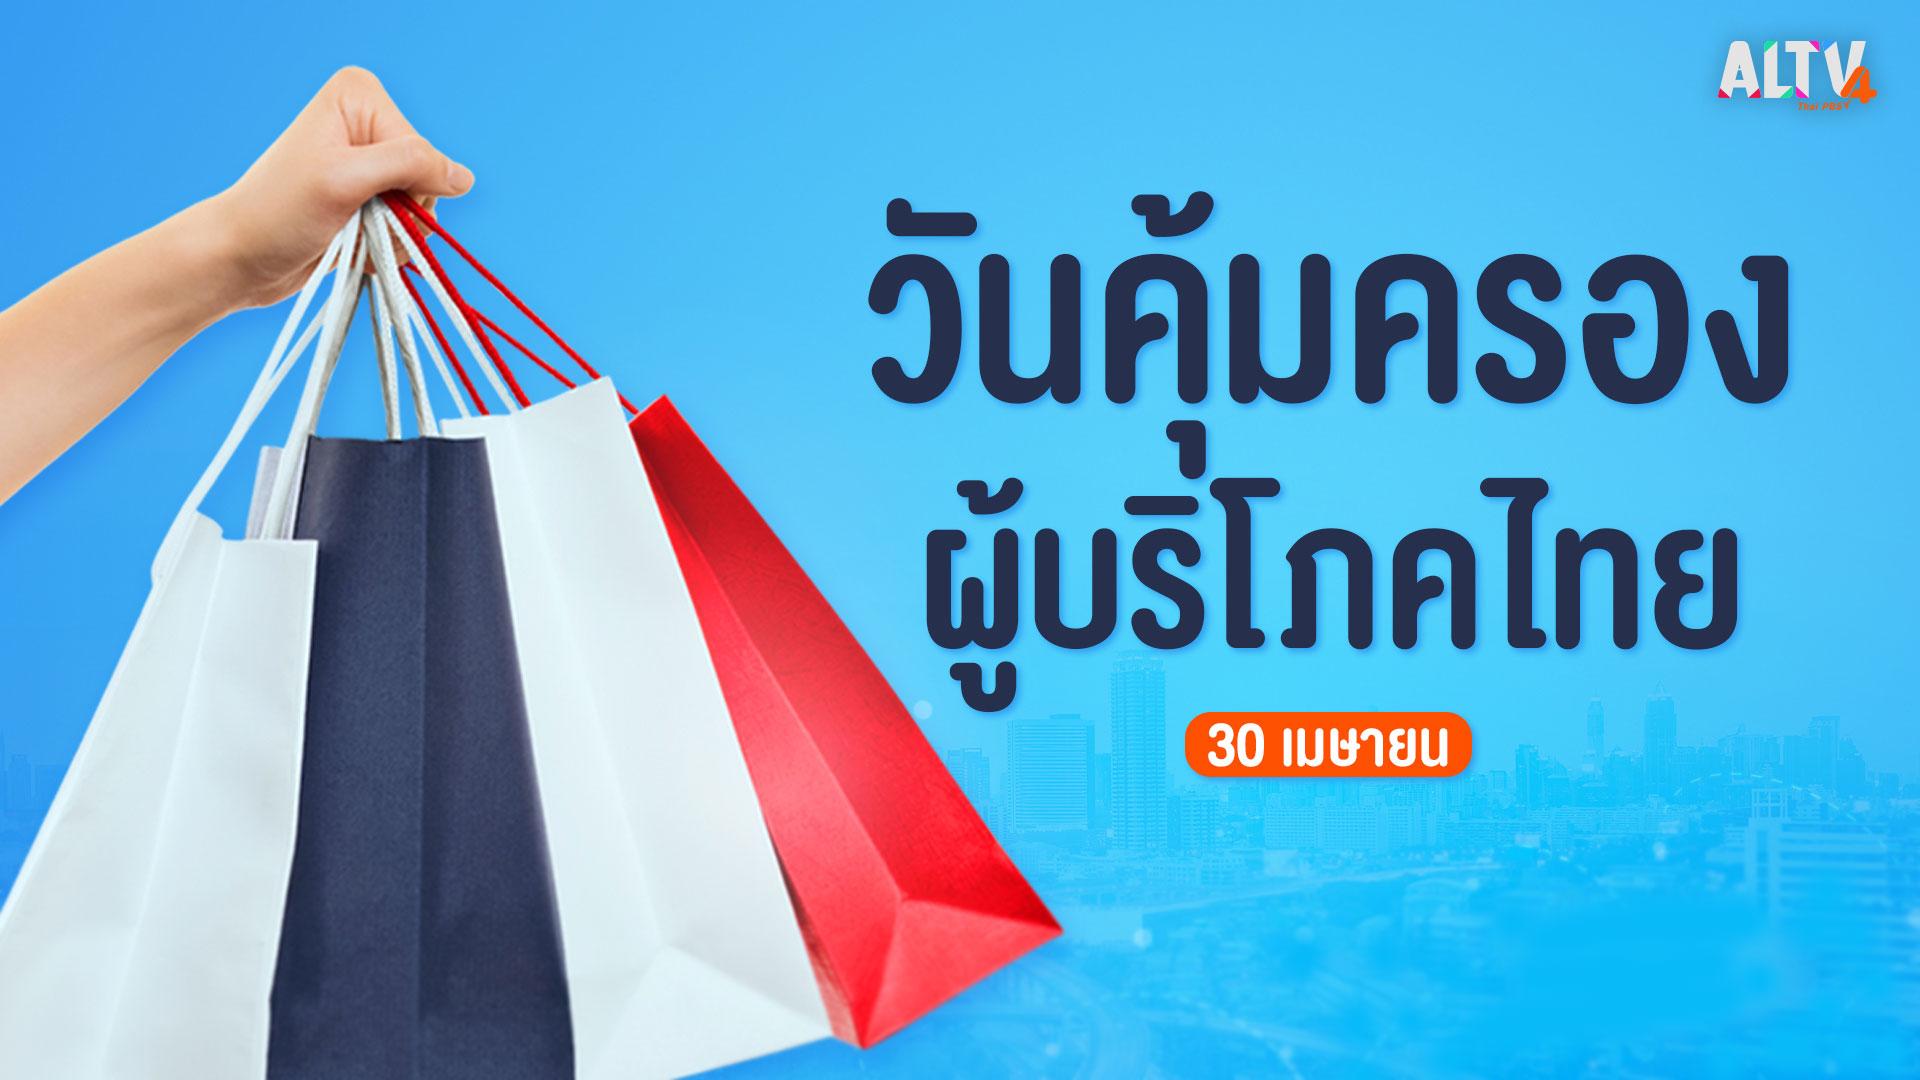 รู้หรือไม่..คนไทยมีกฎหมายคุ้มครองผู้บริโภค จากการค้าขายที่ไม่เป็นธรรม